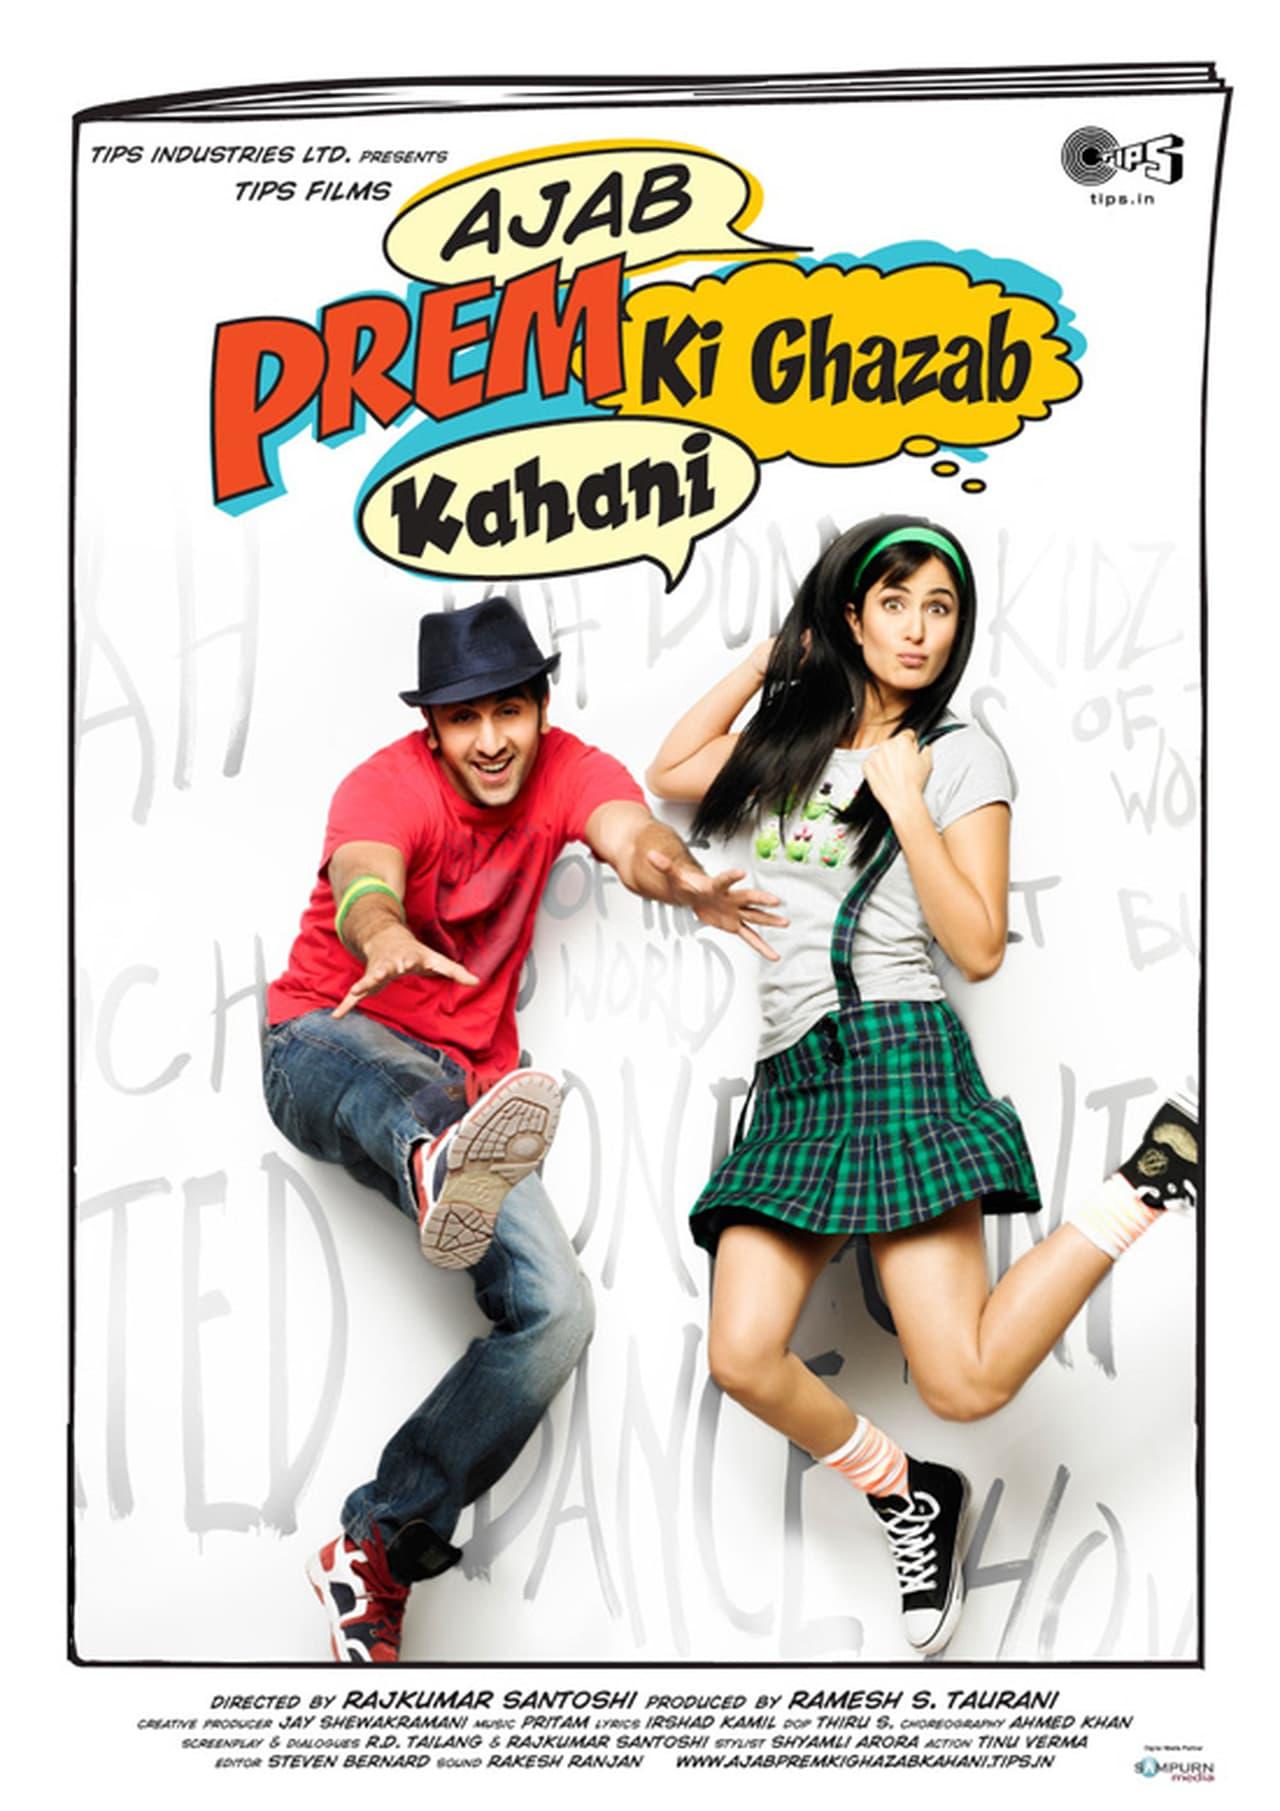 Ajab Prem Ki Ghazab Kahani (2009) VIDEO SONGS 4K (UHD) BluRay 10 bit – DTS-HD 5.1 –| DB9 |